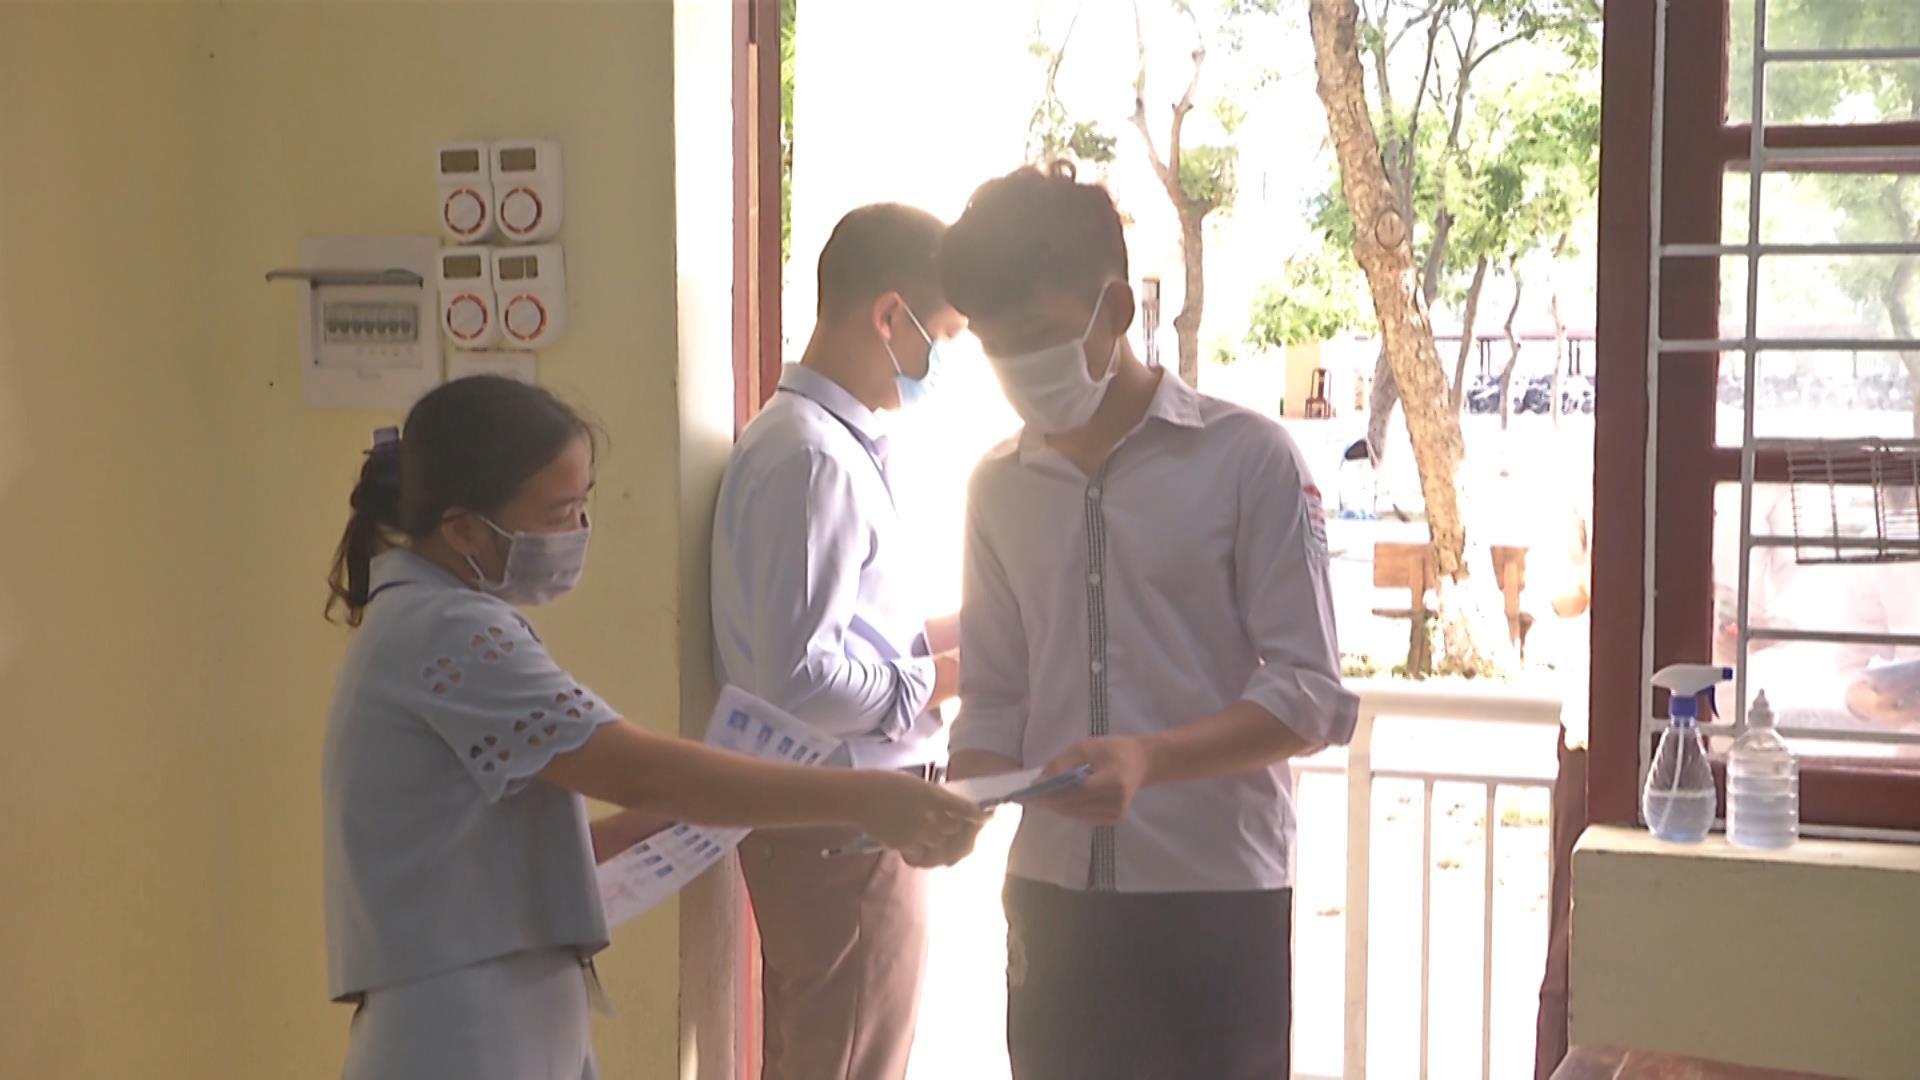 Bắc Ninh tổ chức thi lại cho 7 thí sinh do giám thị sai sót cá nhân